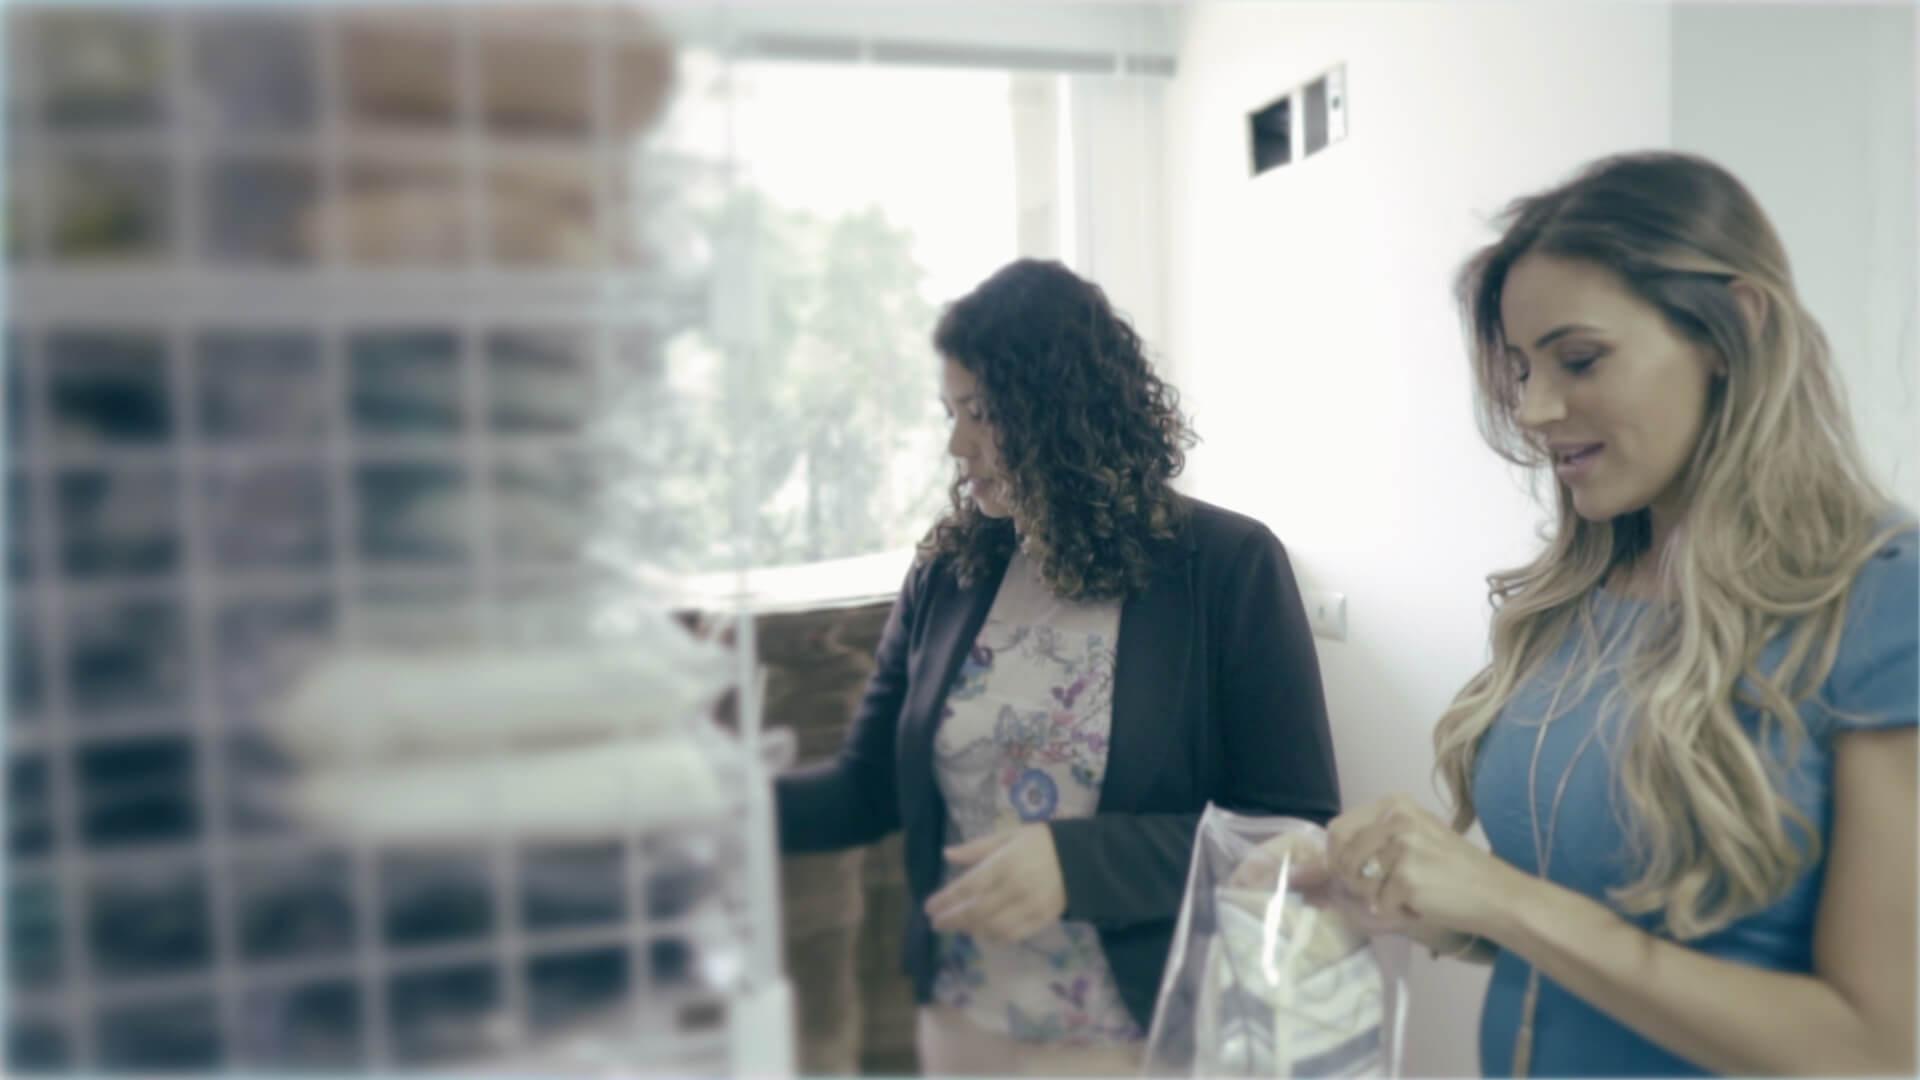 Fundadora da Morango Brasil organiza o estoque